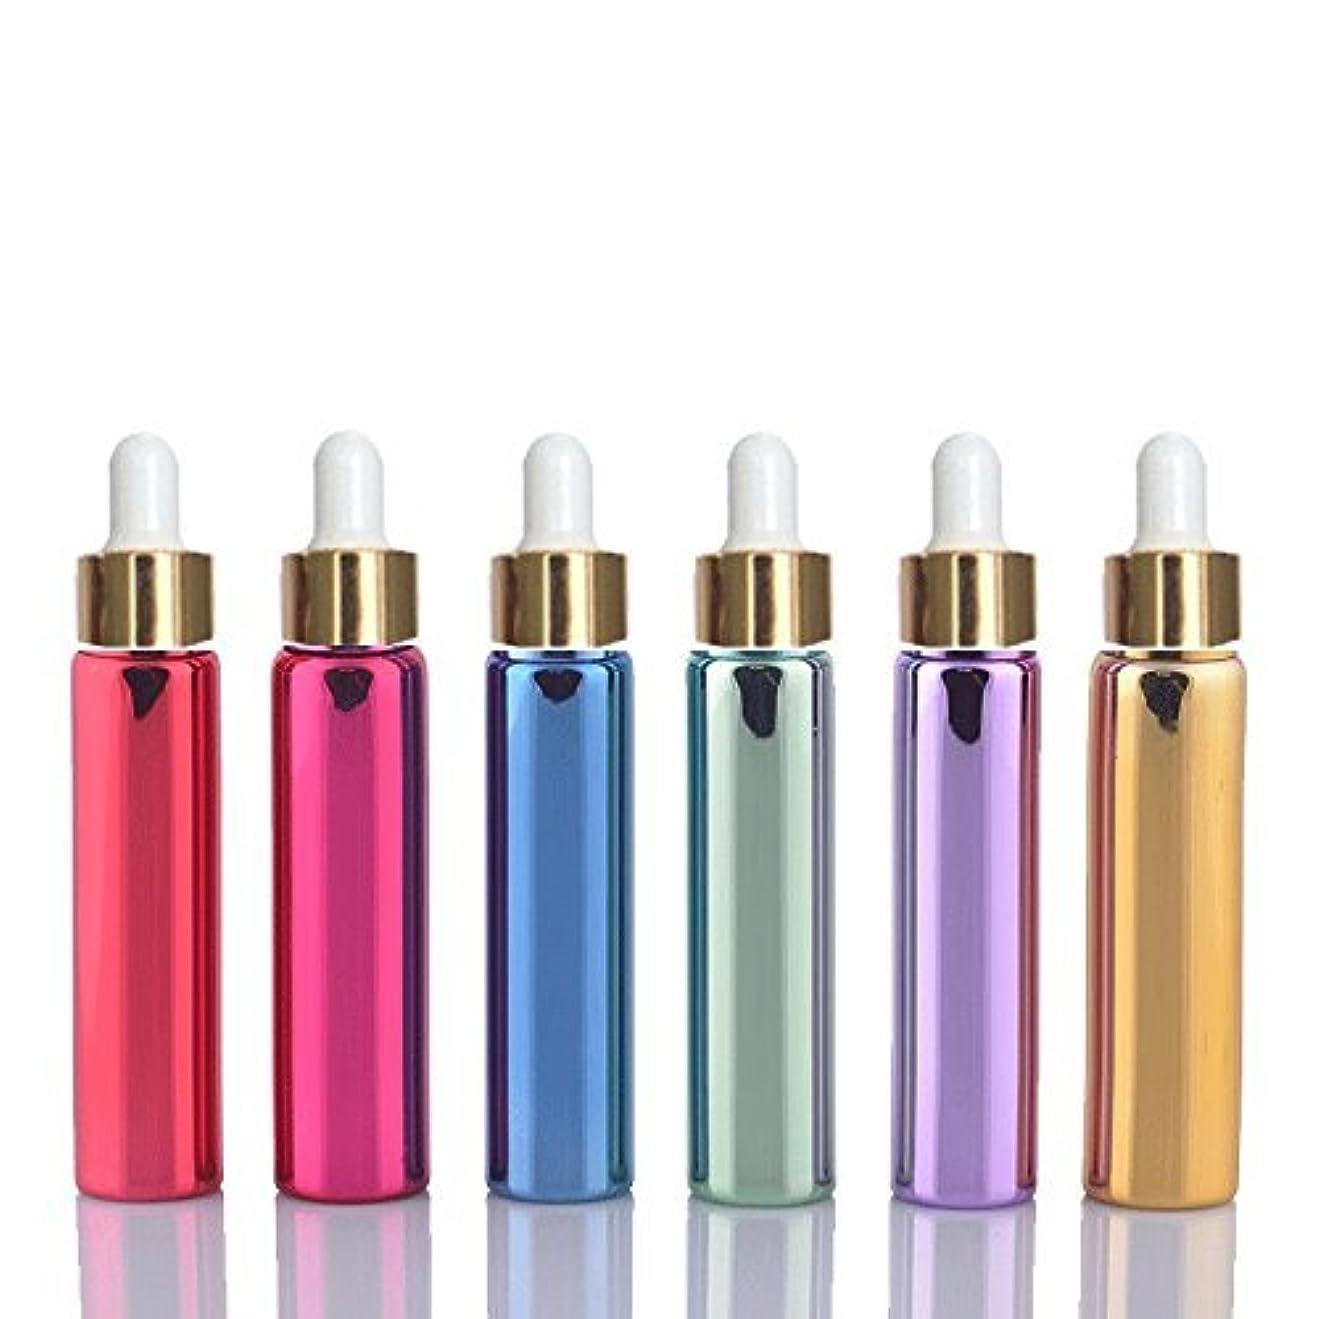 呪い柔らかい並外れて6 Sets Assorted 10ml UV Coated Glass Dropper Bottles Grand Parfums Refillable Dropper Bottles with Glass Pipette...